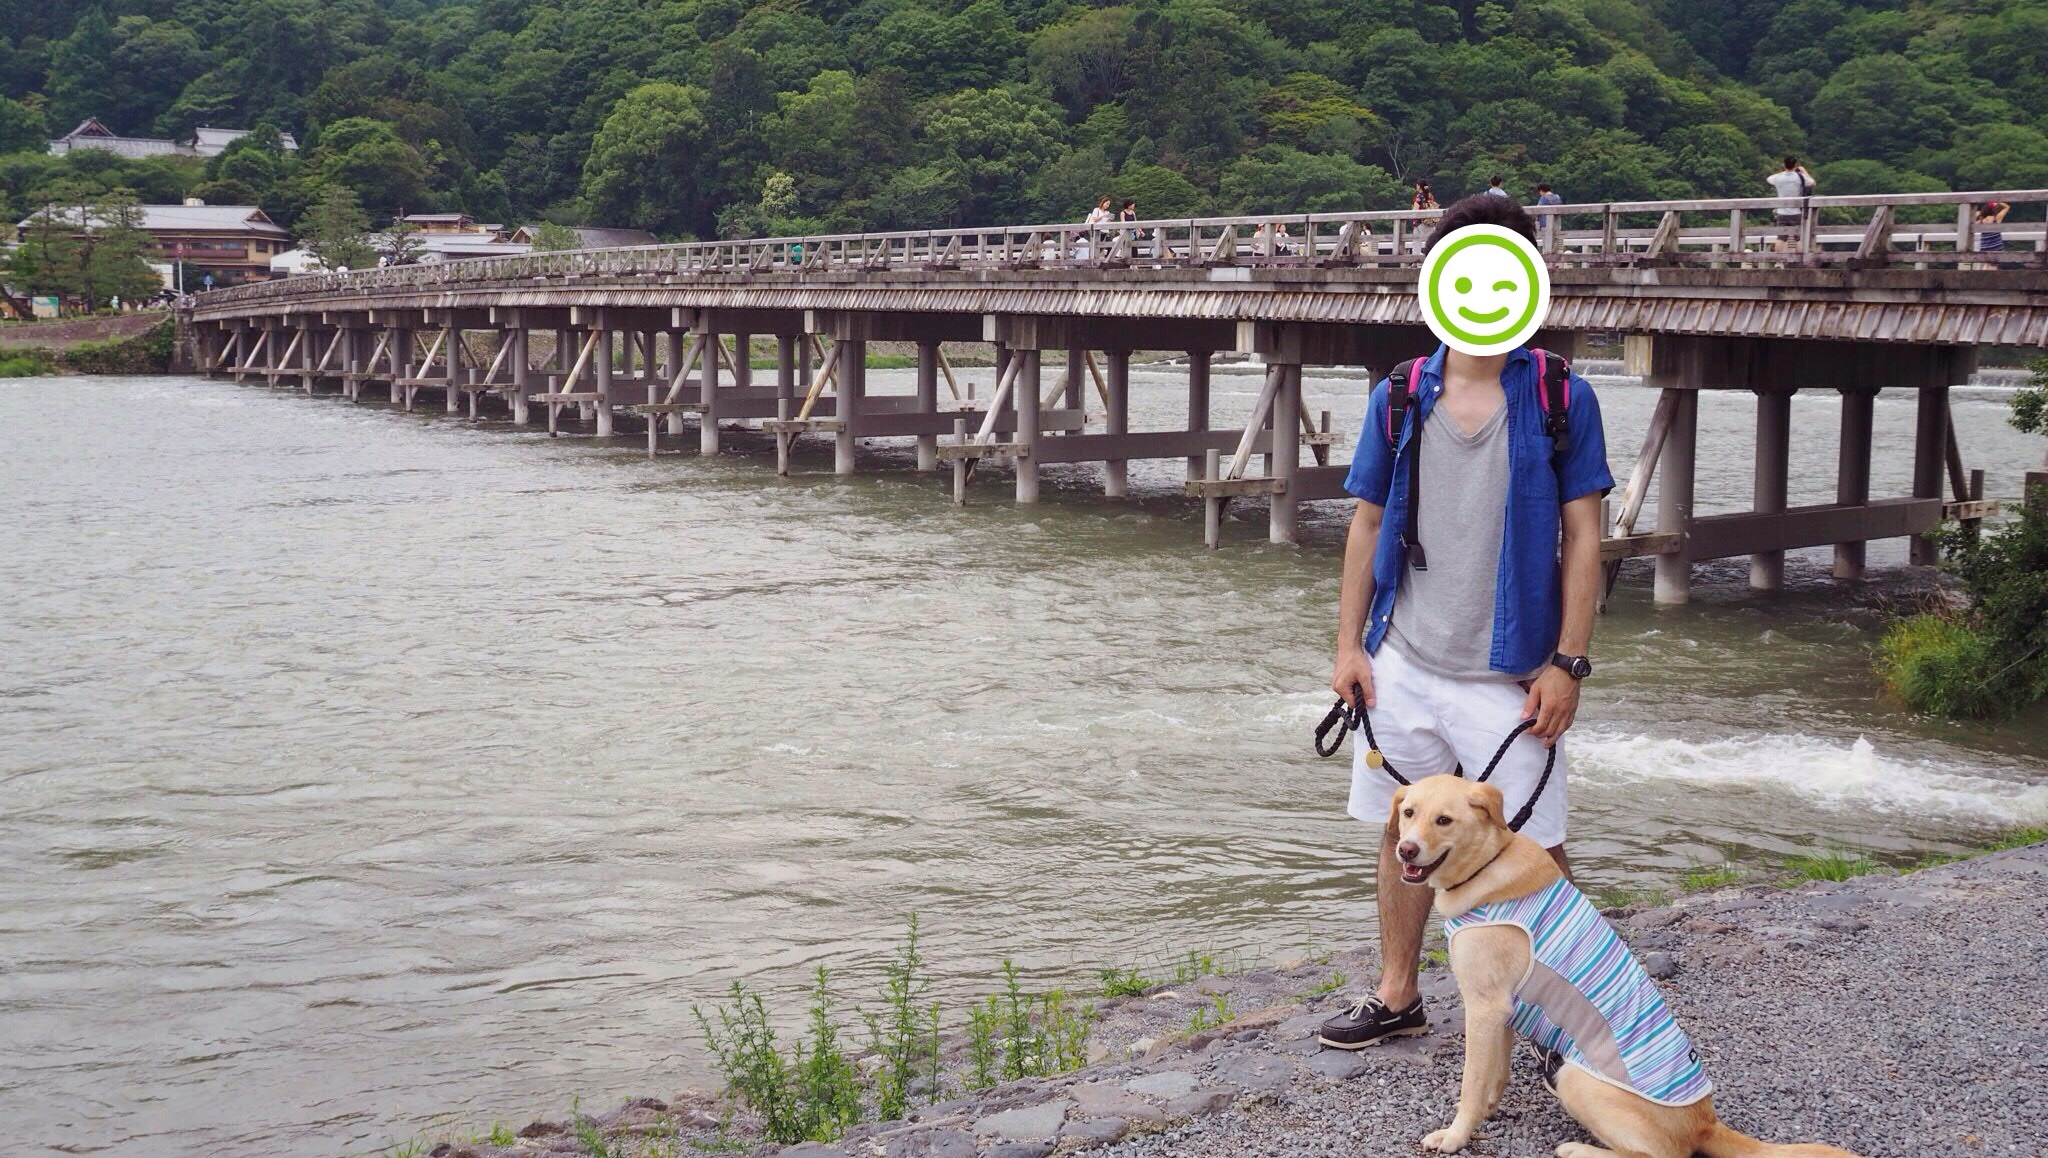 京都旅行 犬 わんこ 嵐山